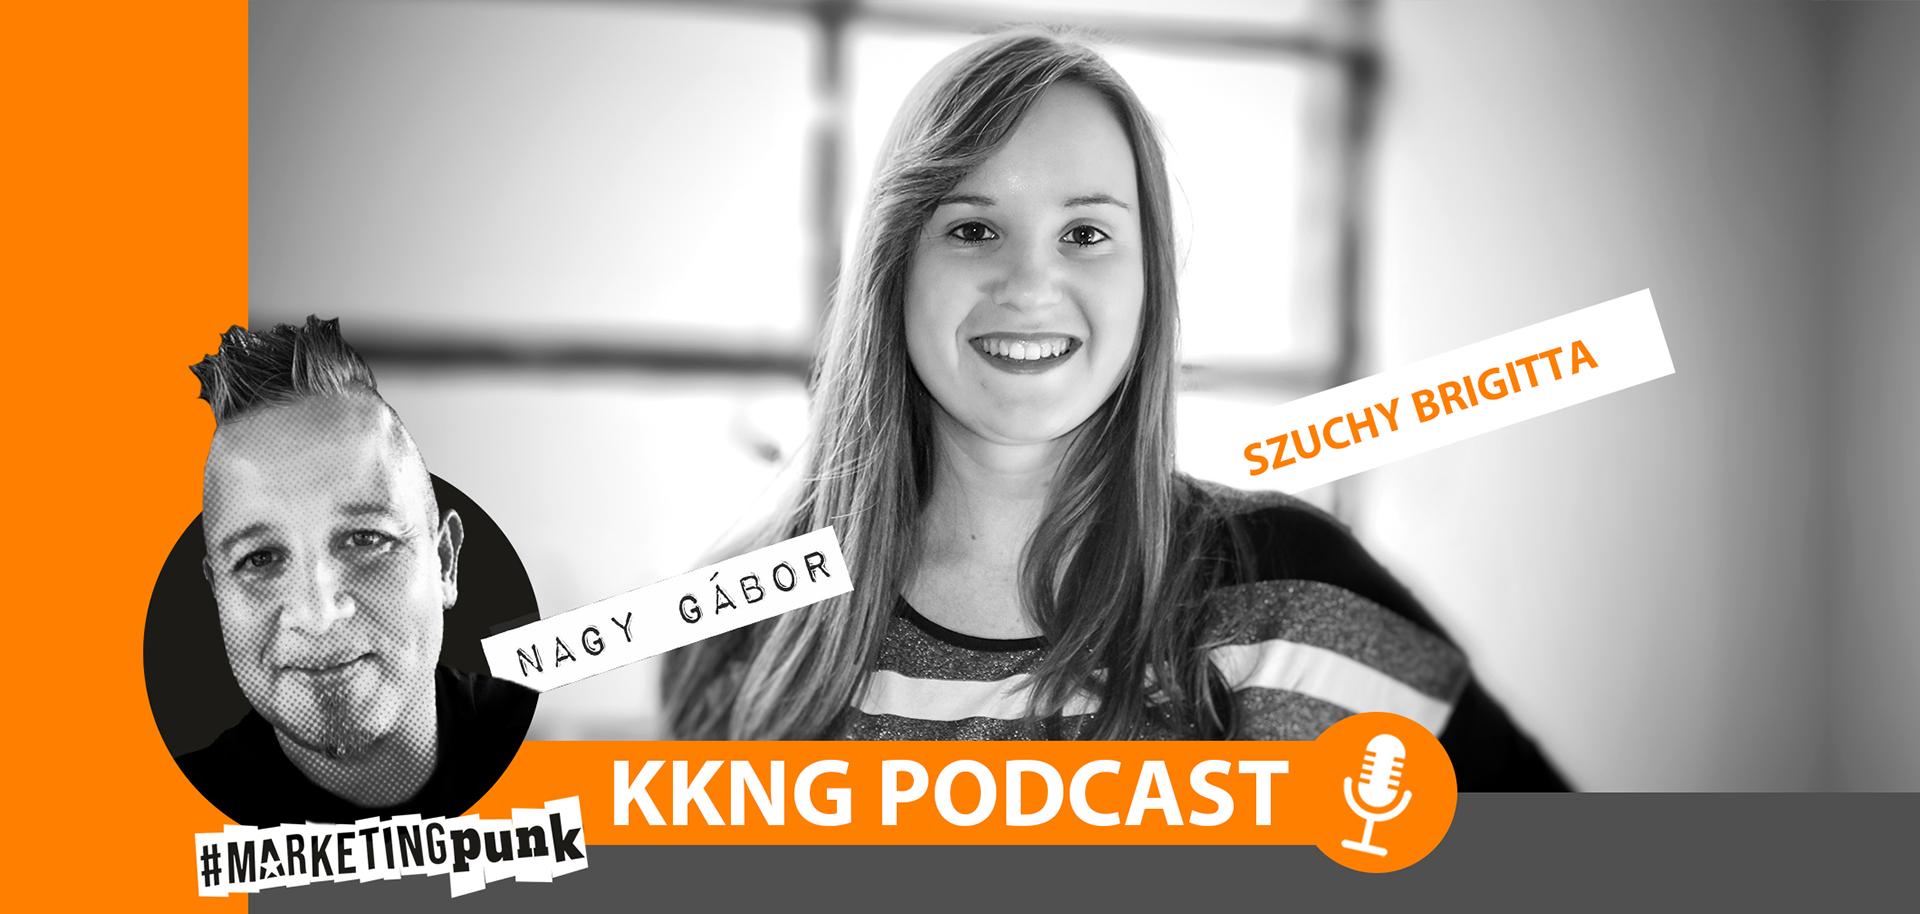 Podcast: Szuchy Brigitta alapítónk többek között a PR kommunikációról beszélt